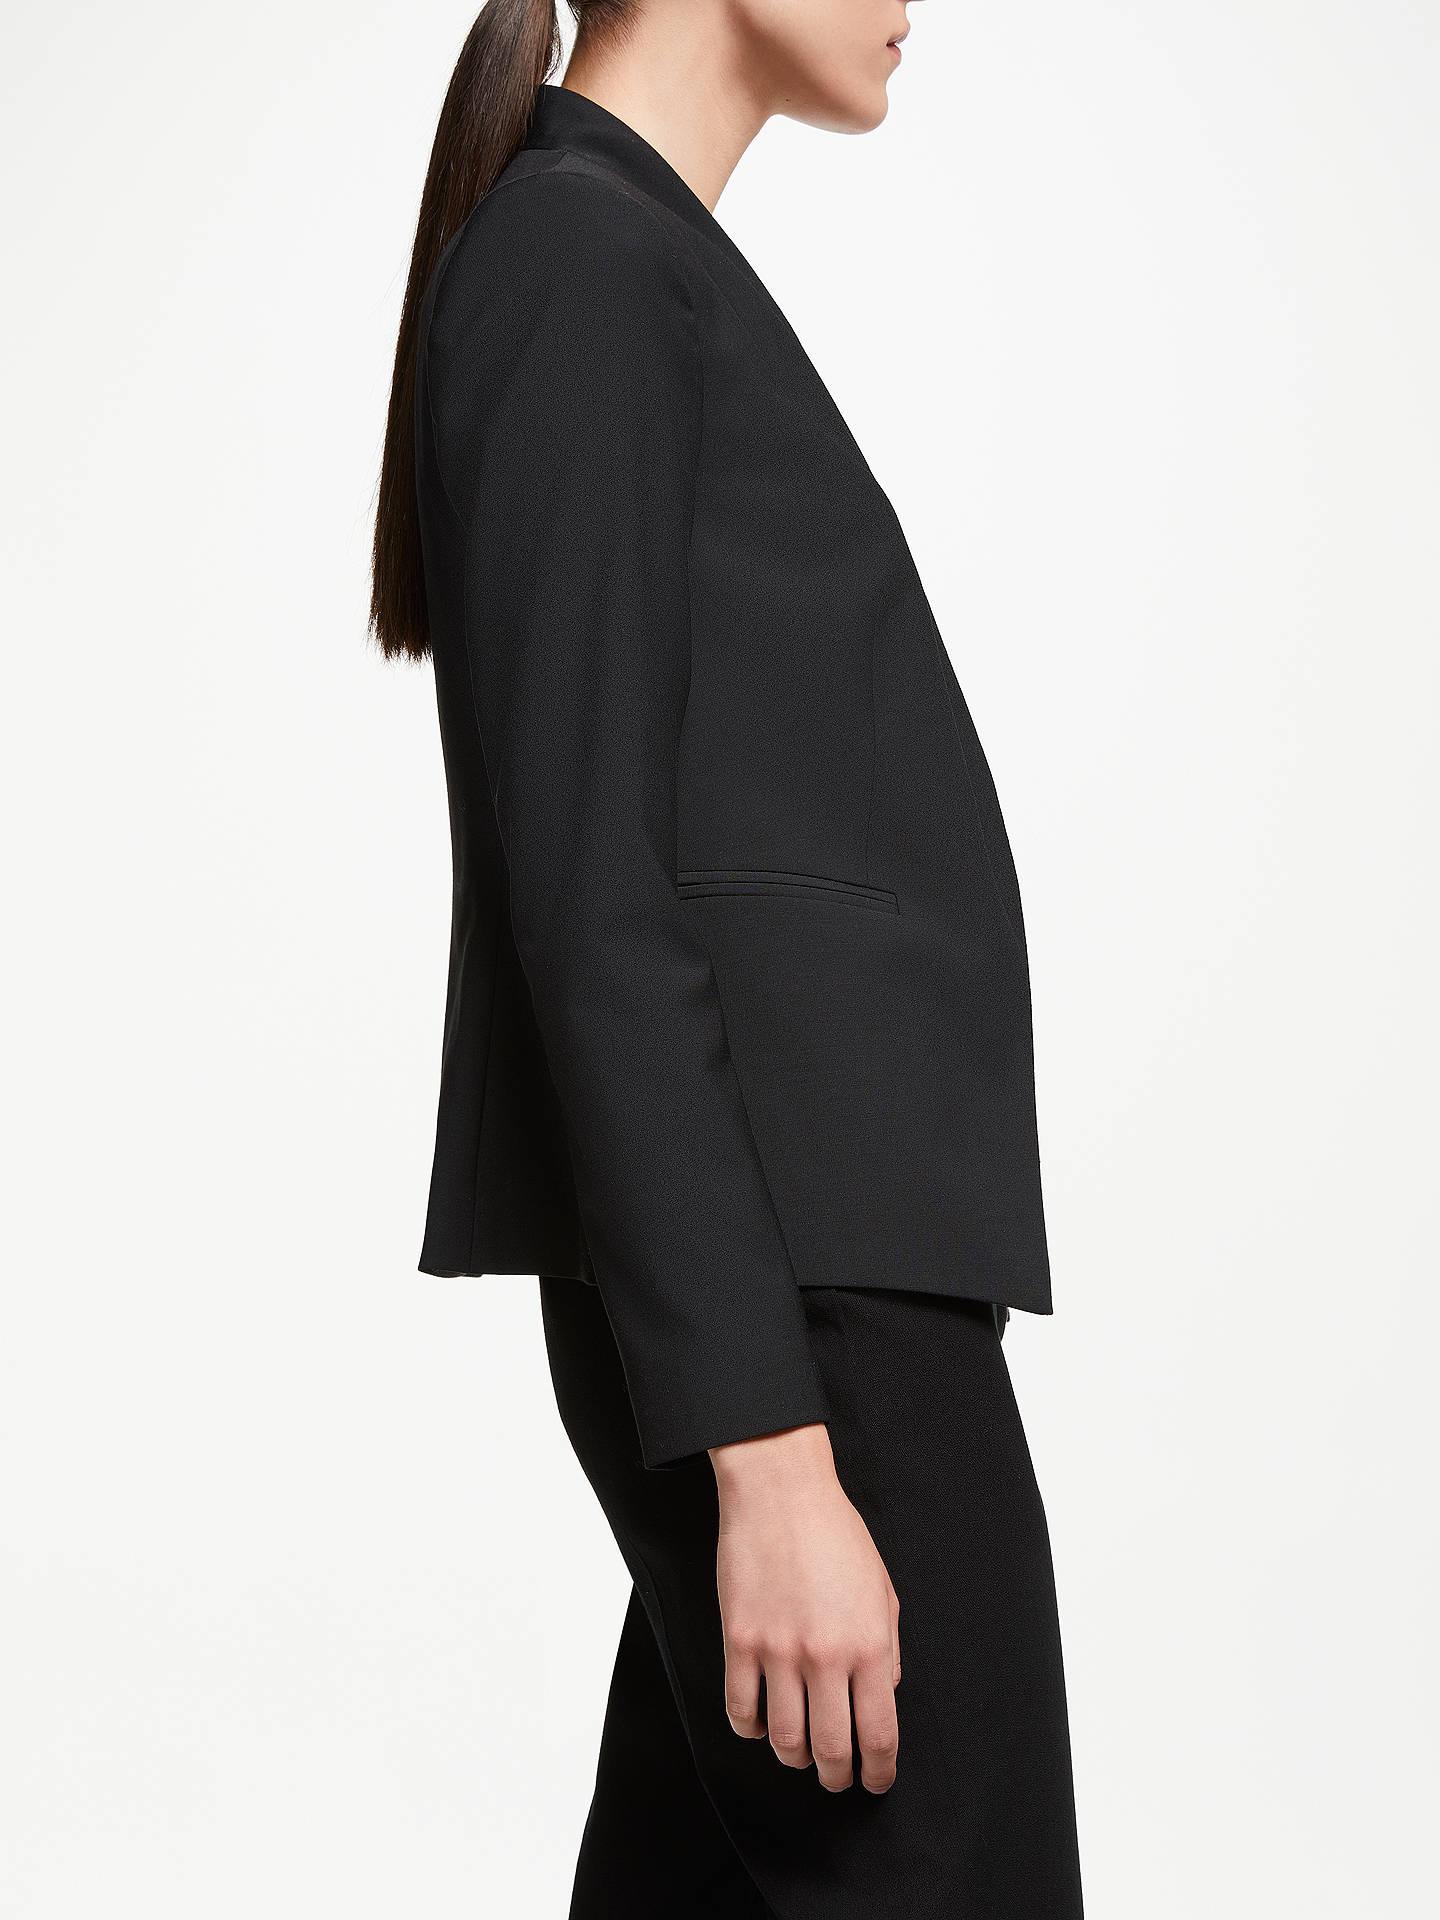 10e45dbb ... Buy John Lewis & Partners Collarless Short Tailored Jacket, Black, 8  Online at johnlewis